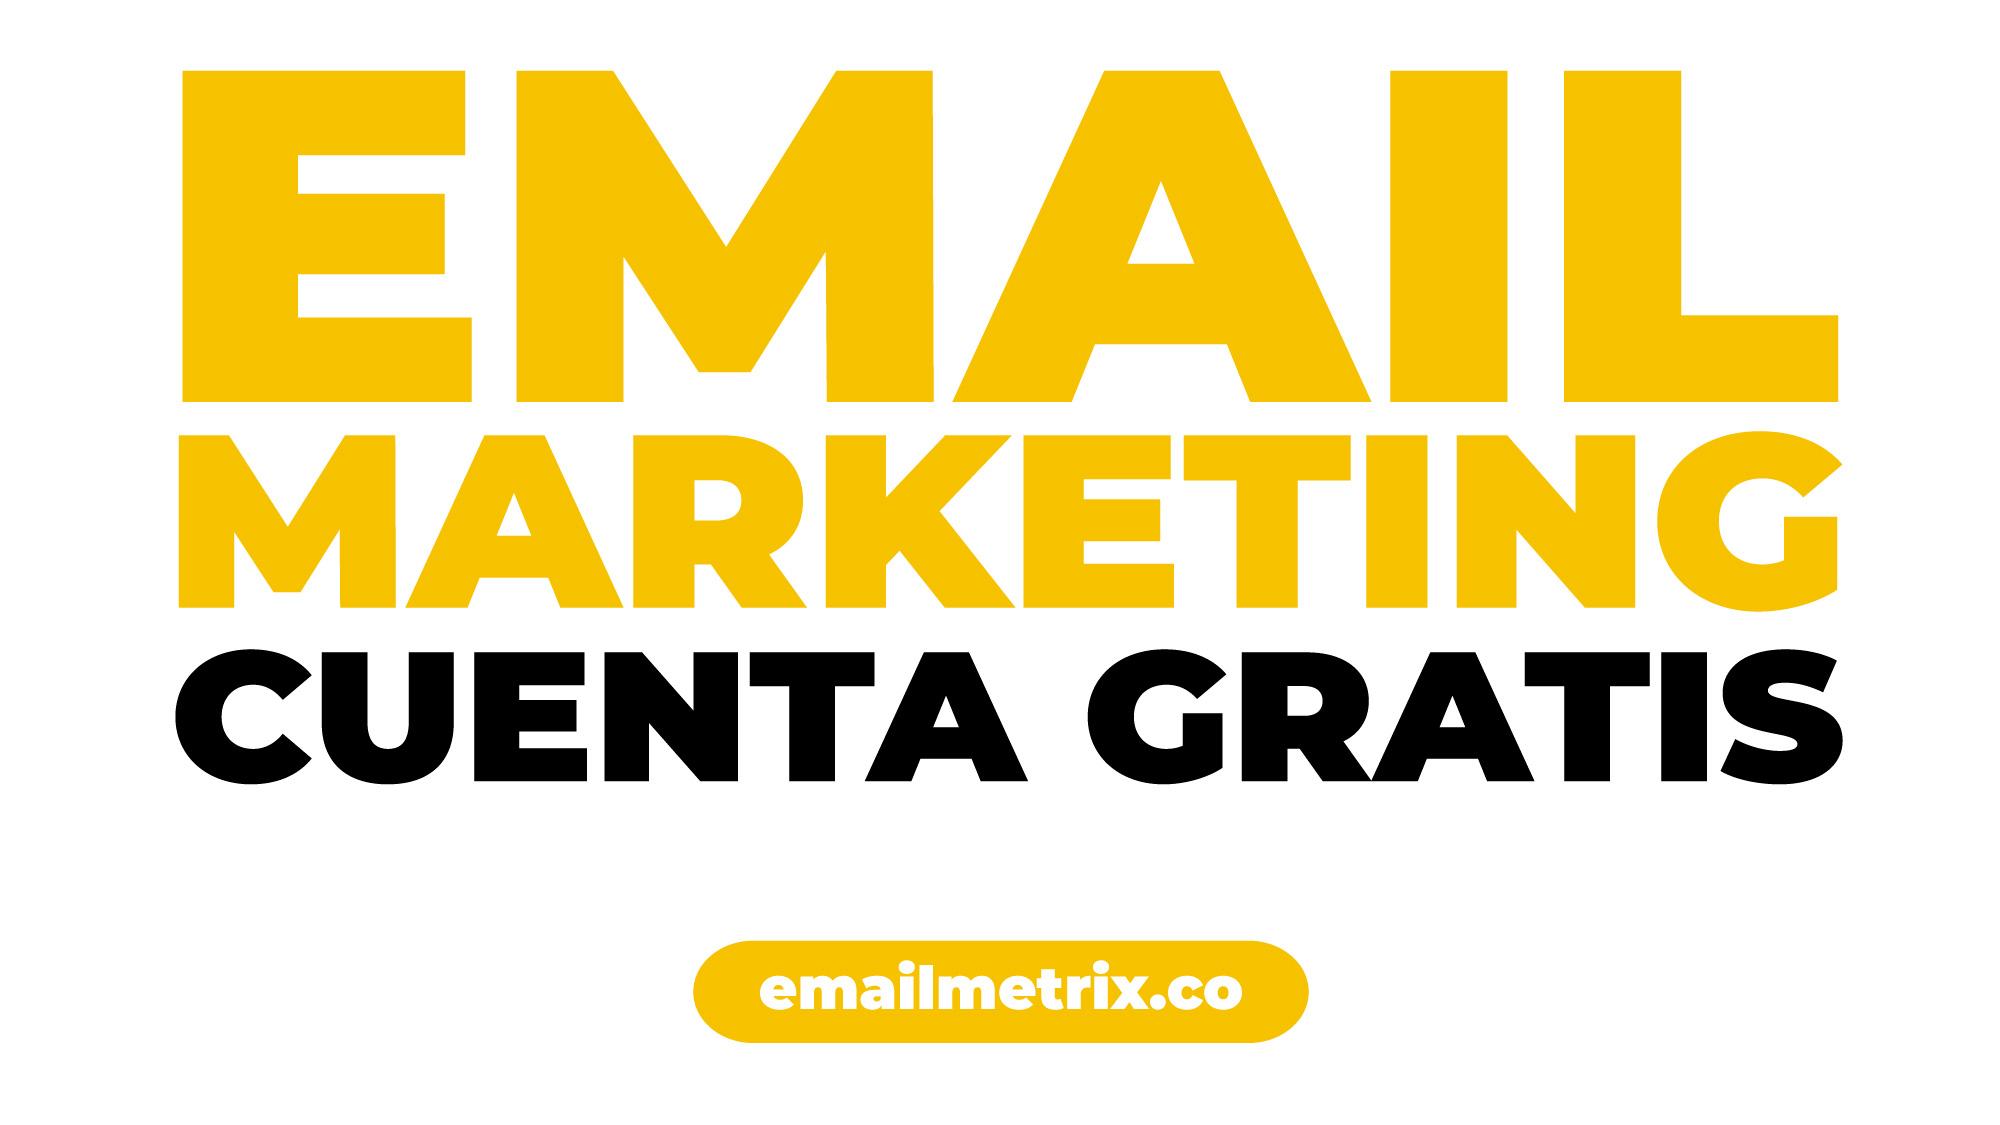 Email Metrix Email Marketing Gratis